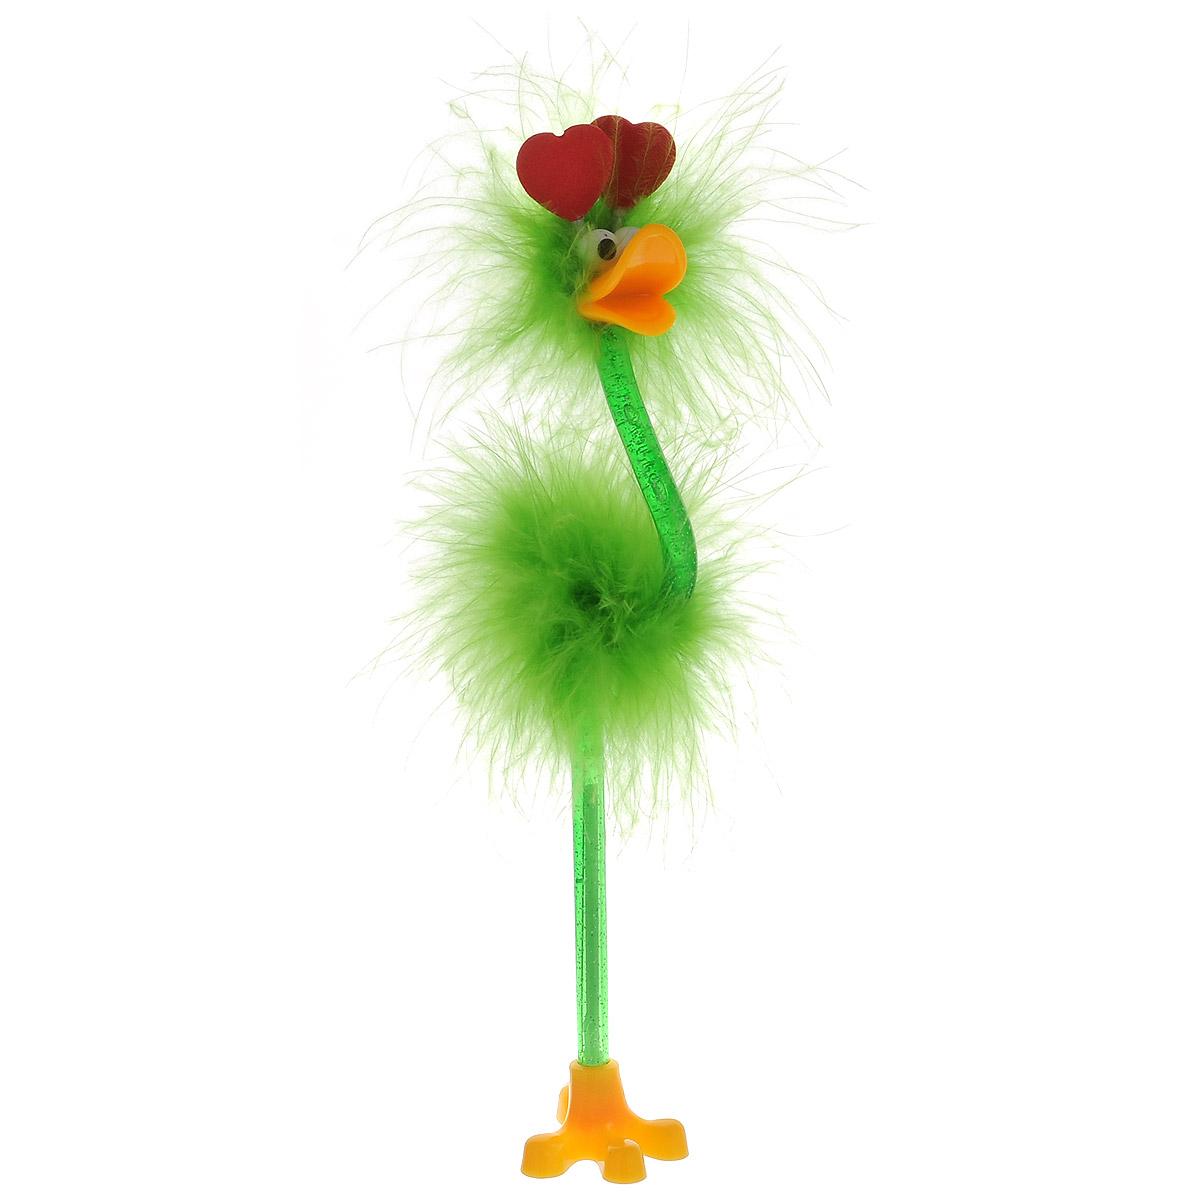 Ручка-игрушка Flamingo, с сердечками, с подставкой, цвет: салатовый82965_салатовый, сердцеОригинальная шариковая ручка-игрушка Flamingo станет отличным подарком и незаменимым аксессуаром на вашем рабочем столе. Ручка, украшенная перьями, выполнена в виде забавной птички фламинго с антеннами-сердечками. К ручке прилагается подставка в виде лапки.Такая ручка - это забавный и практичный подарок, она не потеряется среди бумаг и непременно вызовет улыбку окружающих.